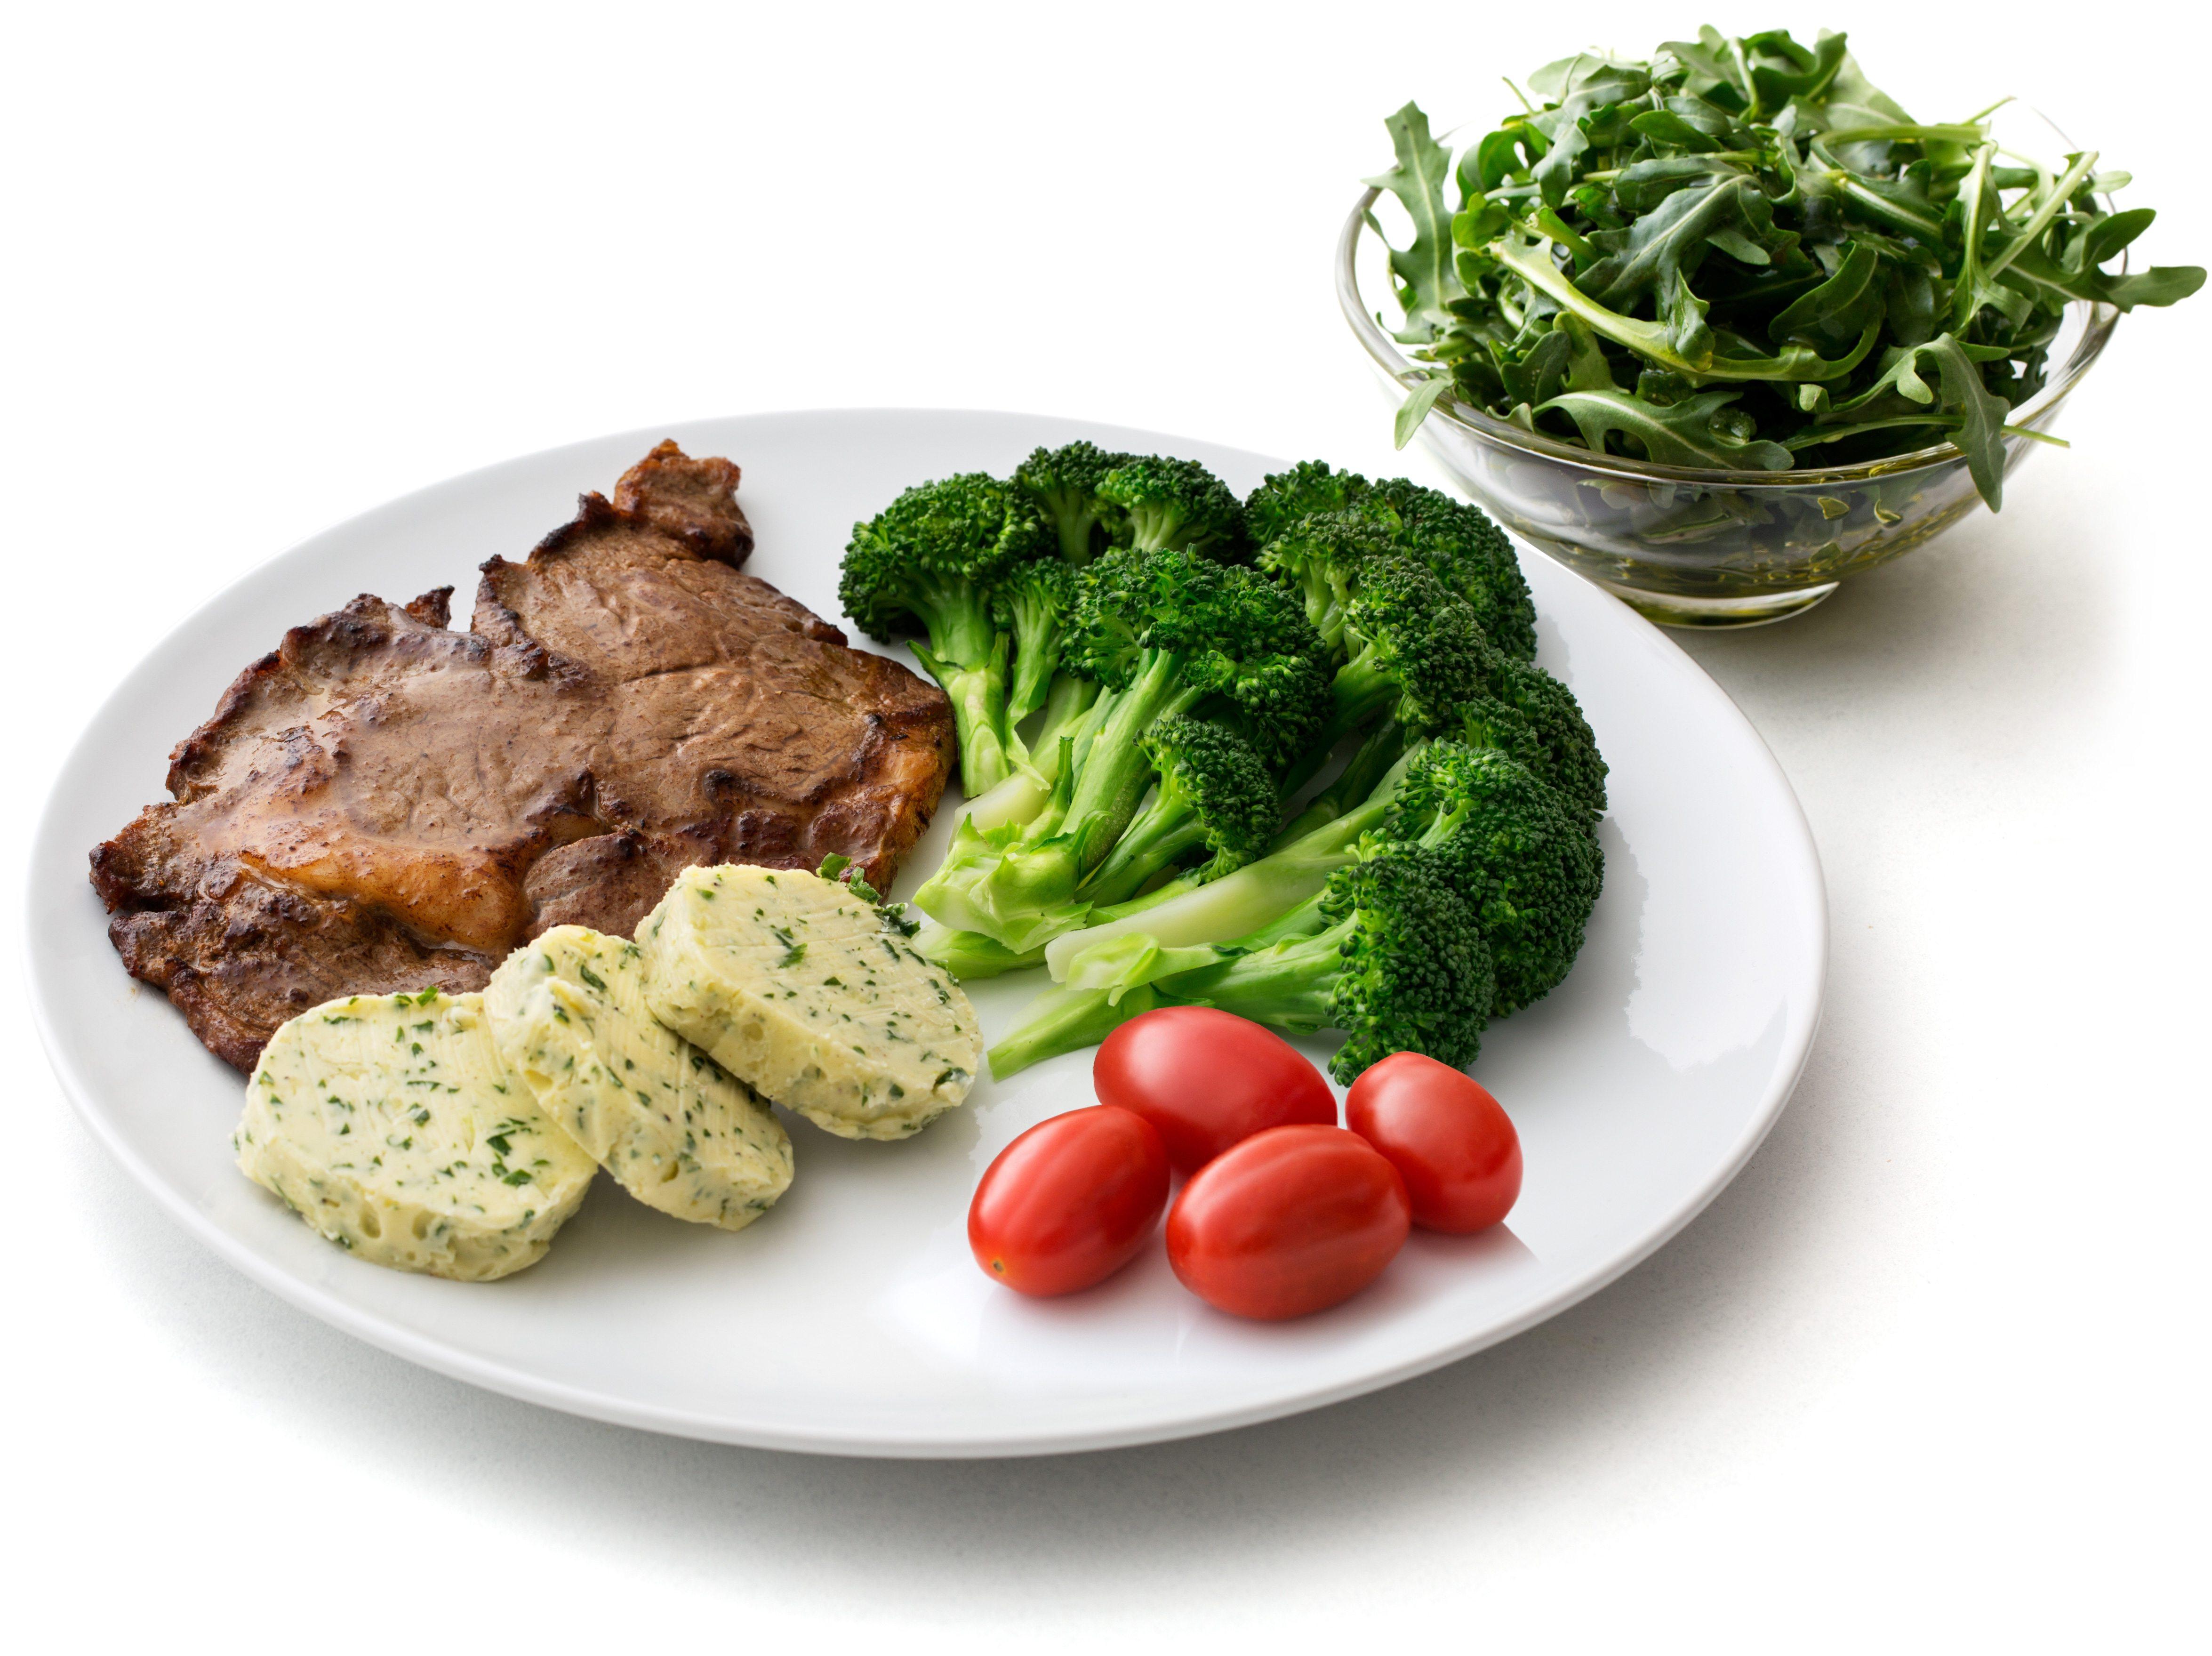 Диета Низкоуглеводная Low Carb. Низкоуглеводная диета (low carb)